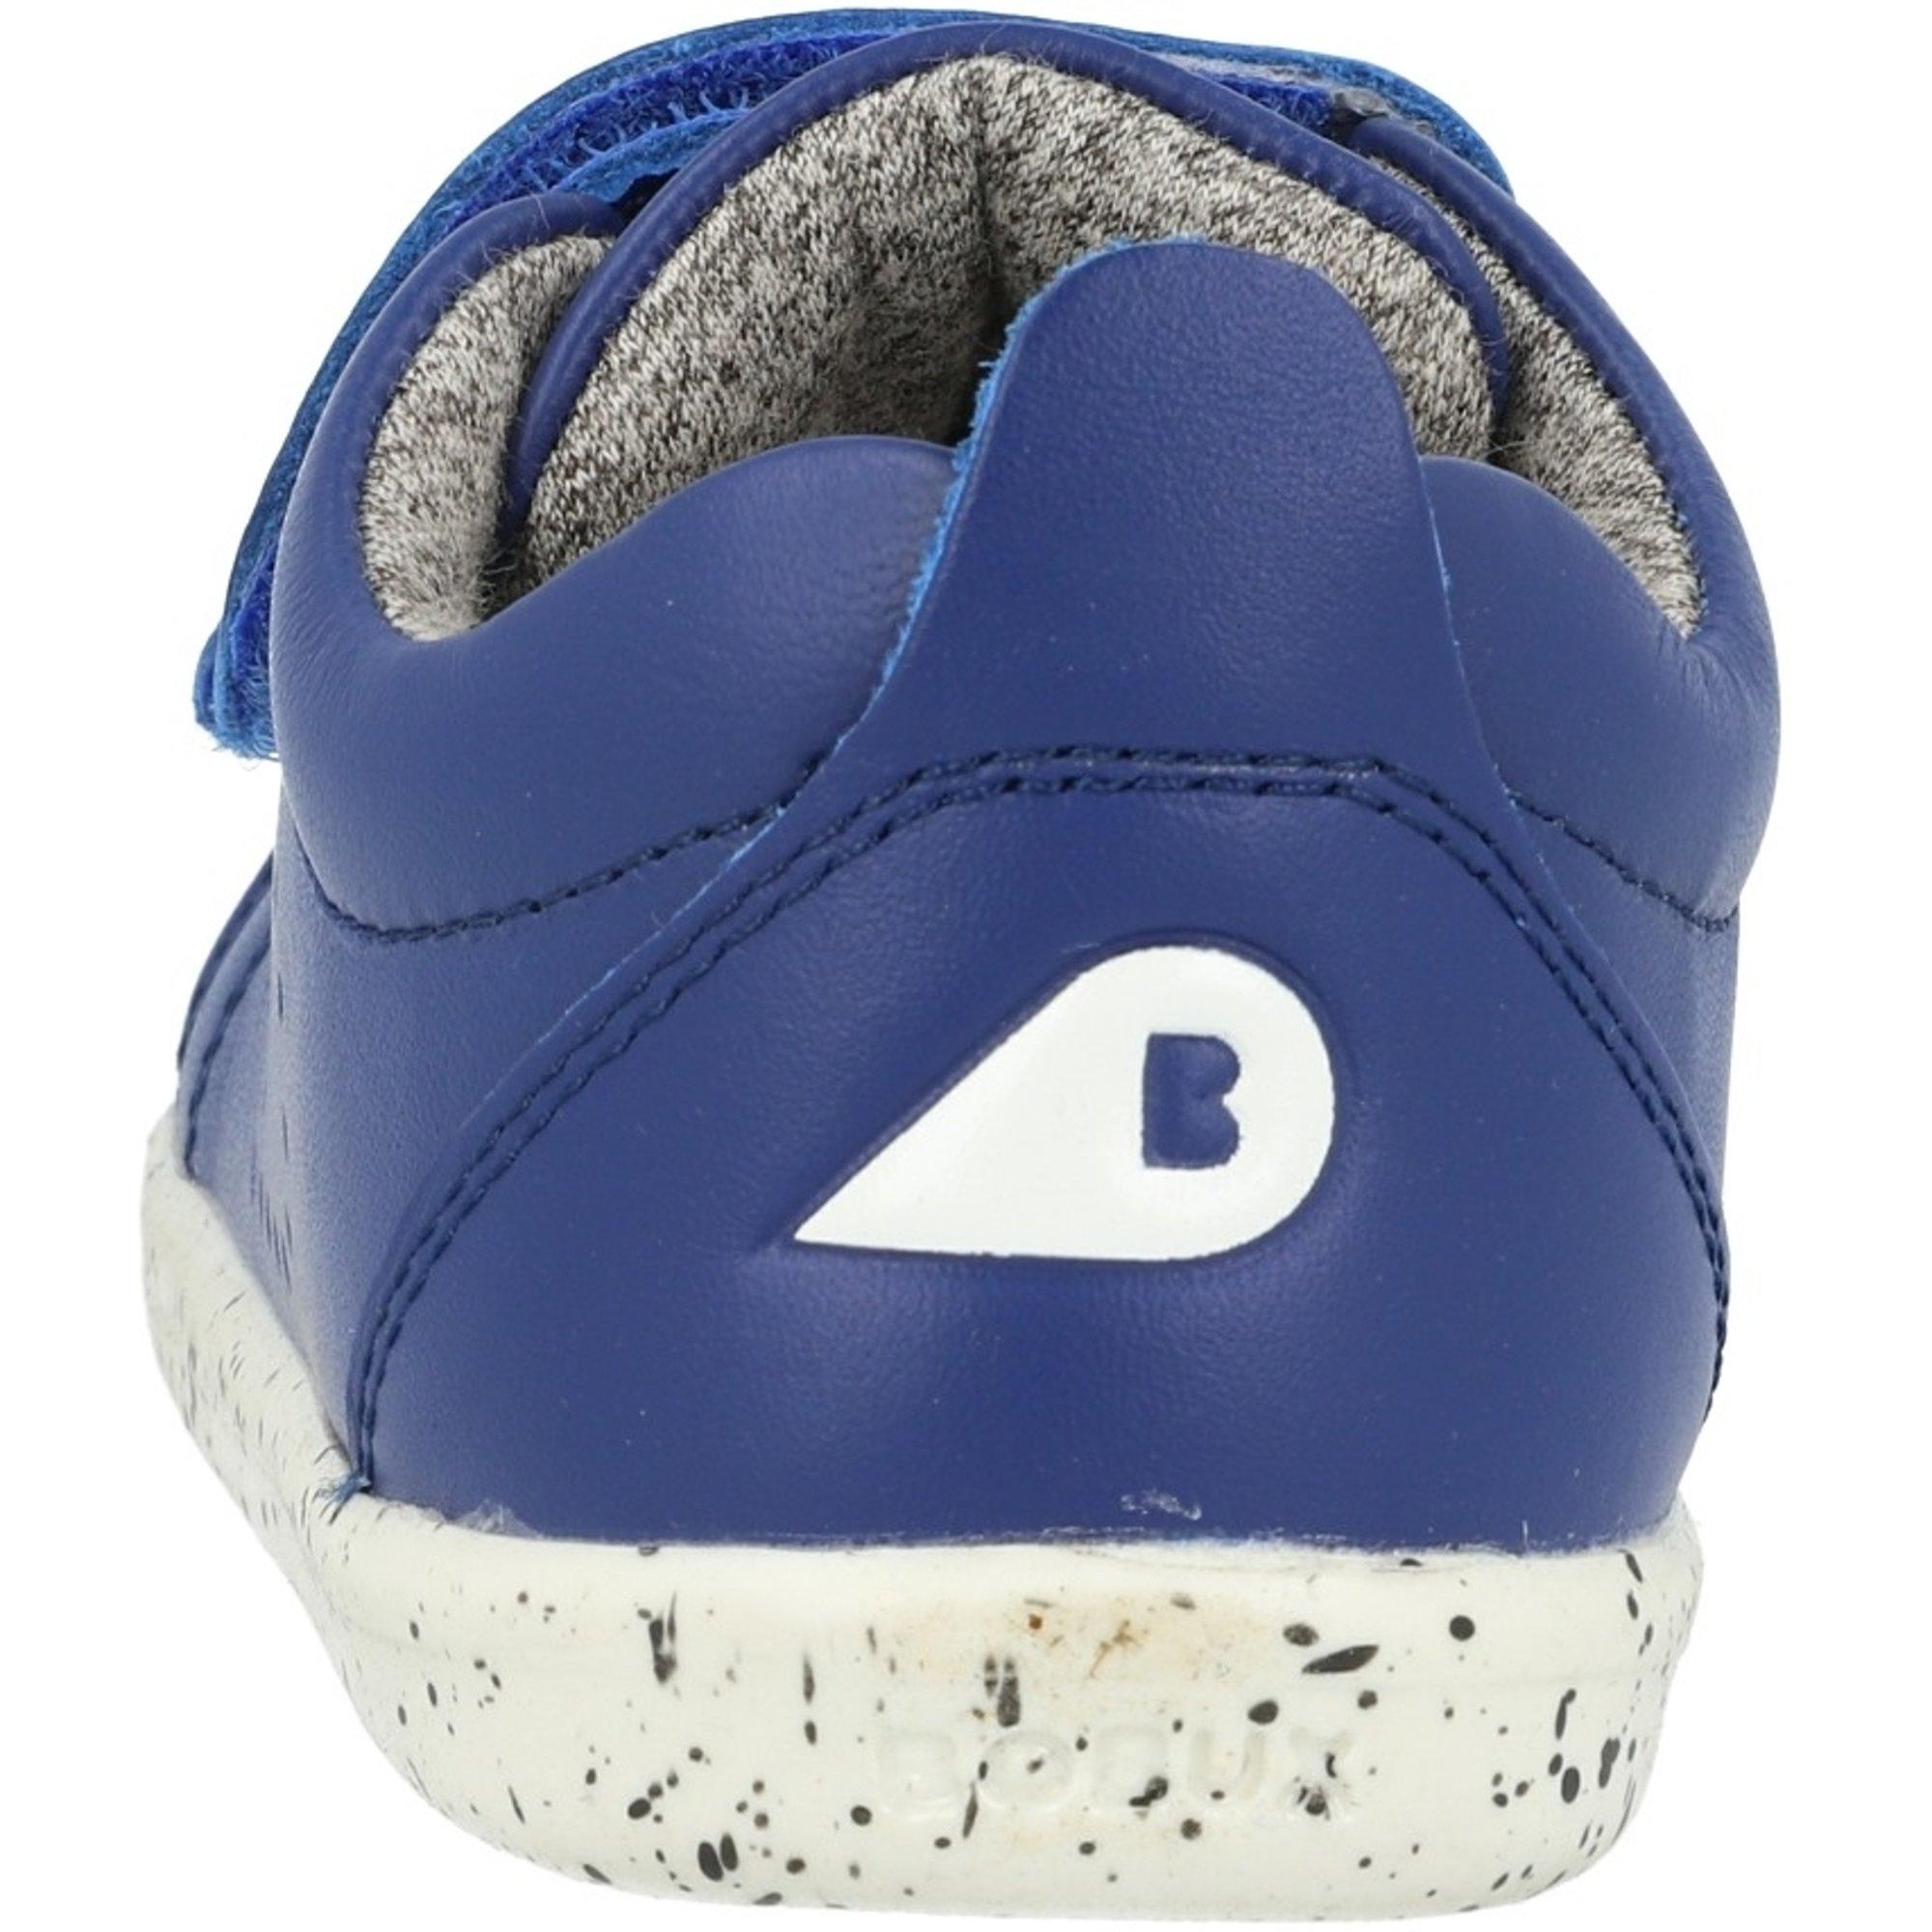 Bobux i-Walk Grass Court Blueberry Leather Infant